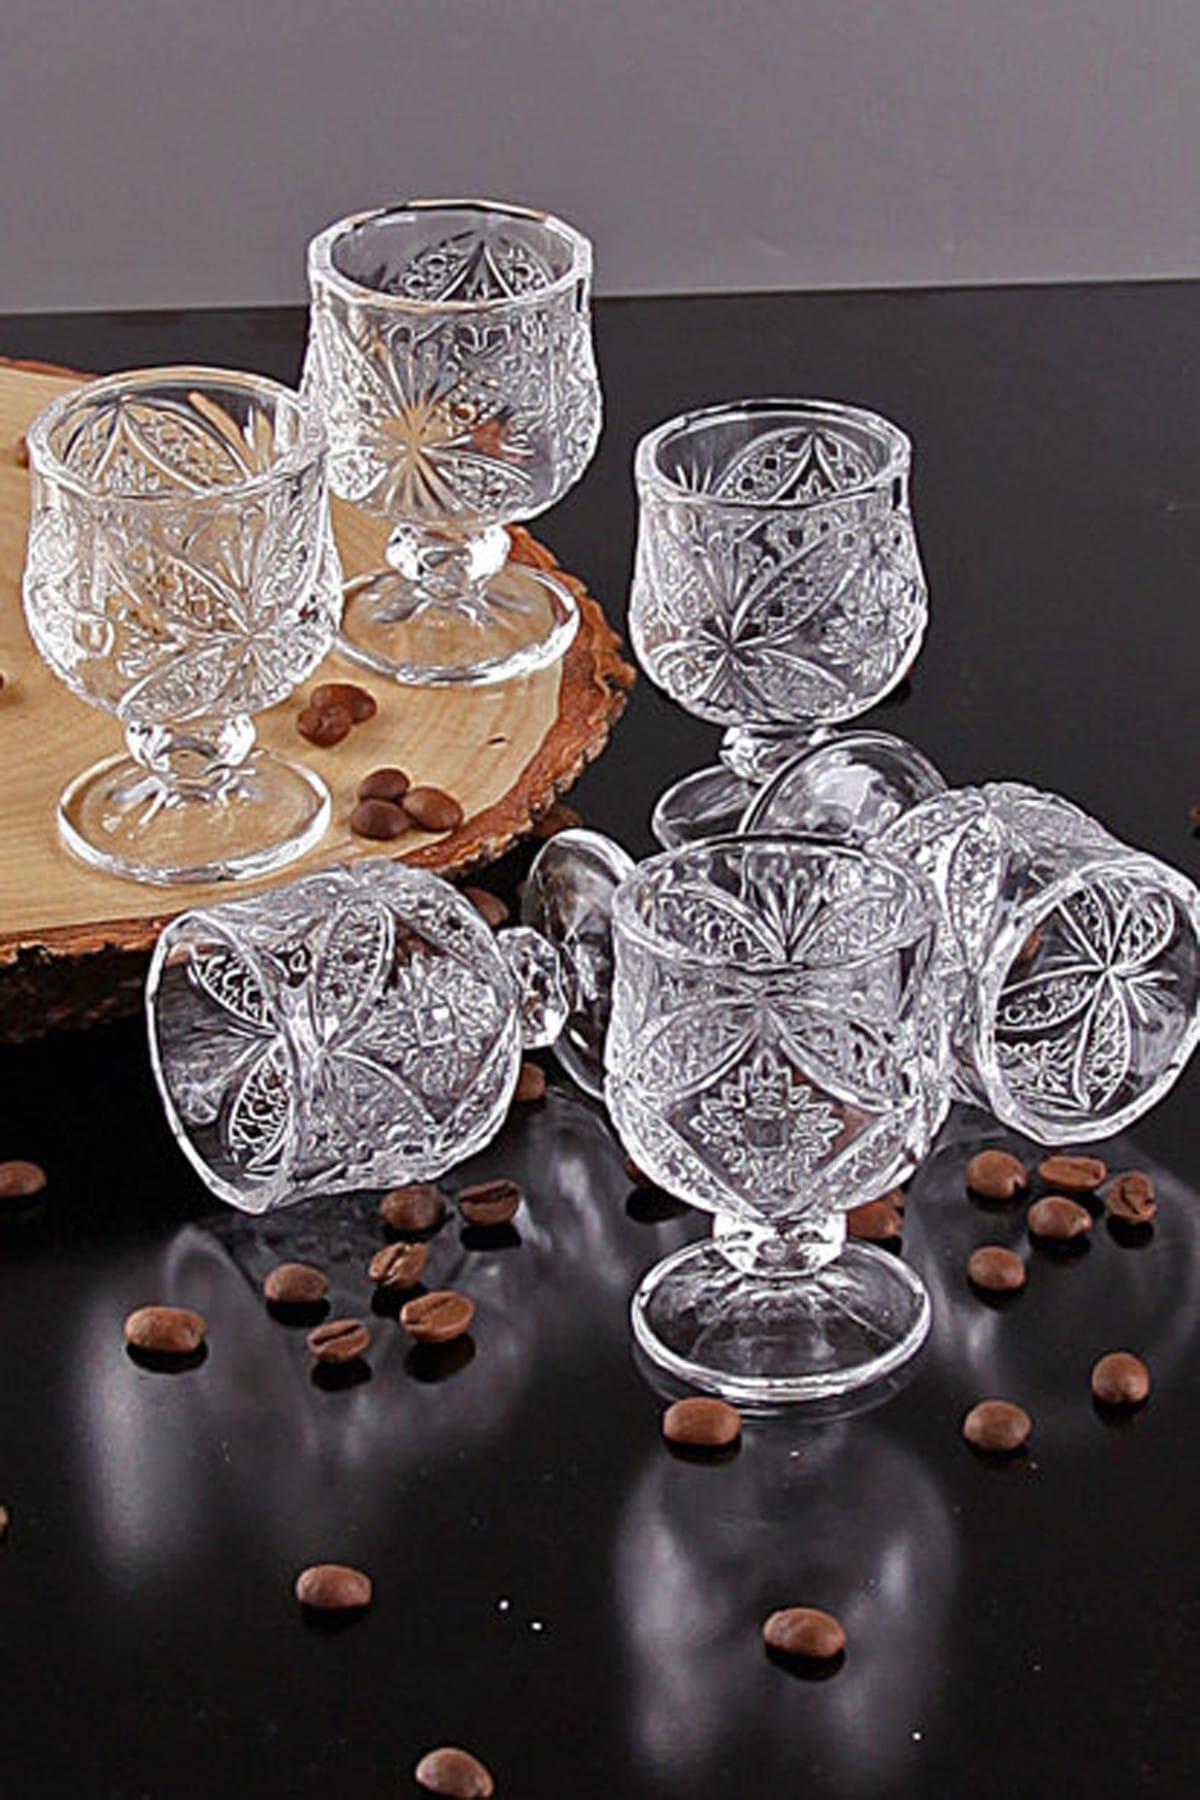 فناجين القهوة الانيقة ماركة هيرا التركية عدد 6